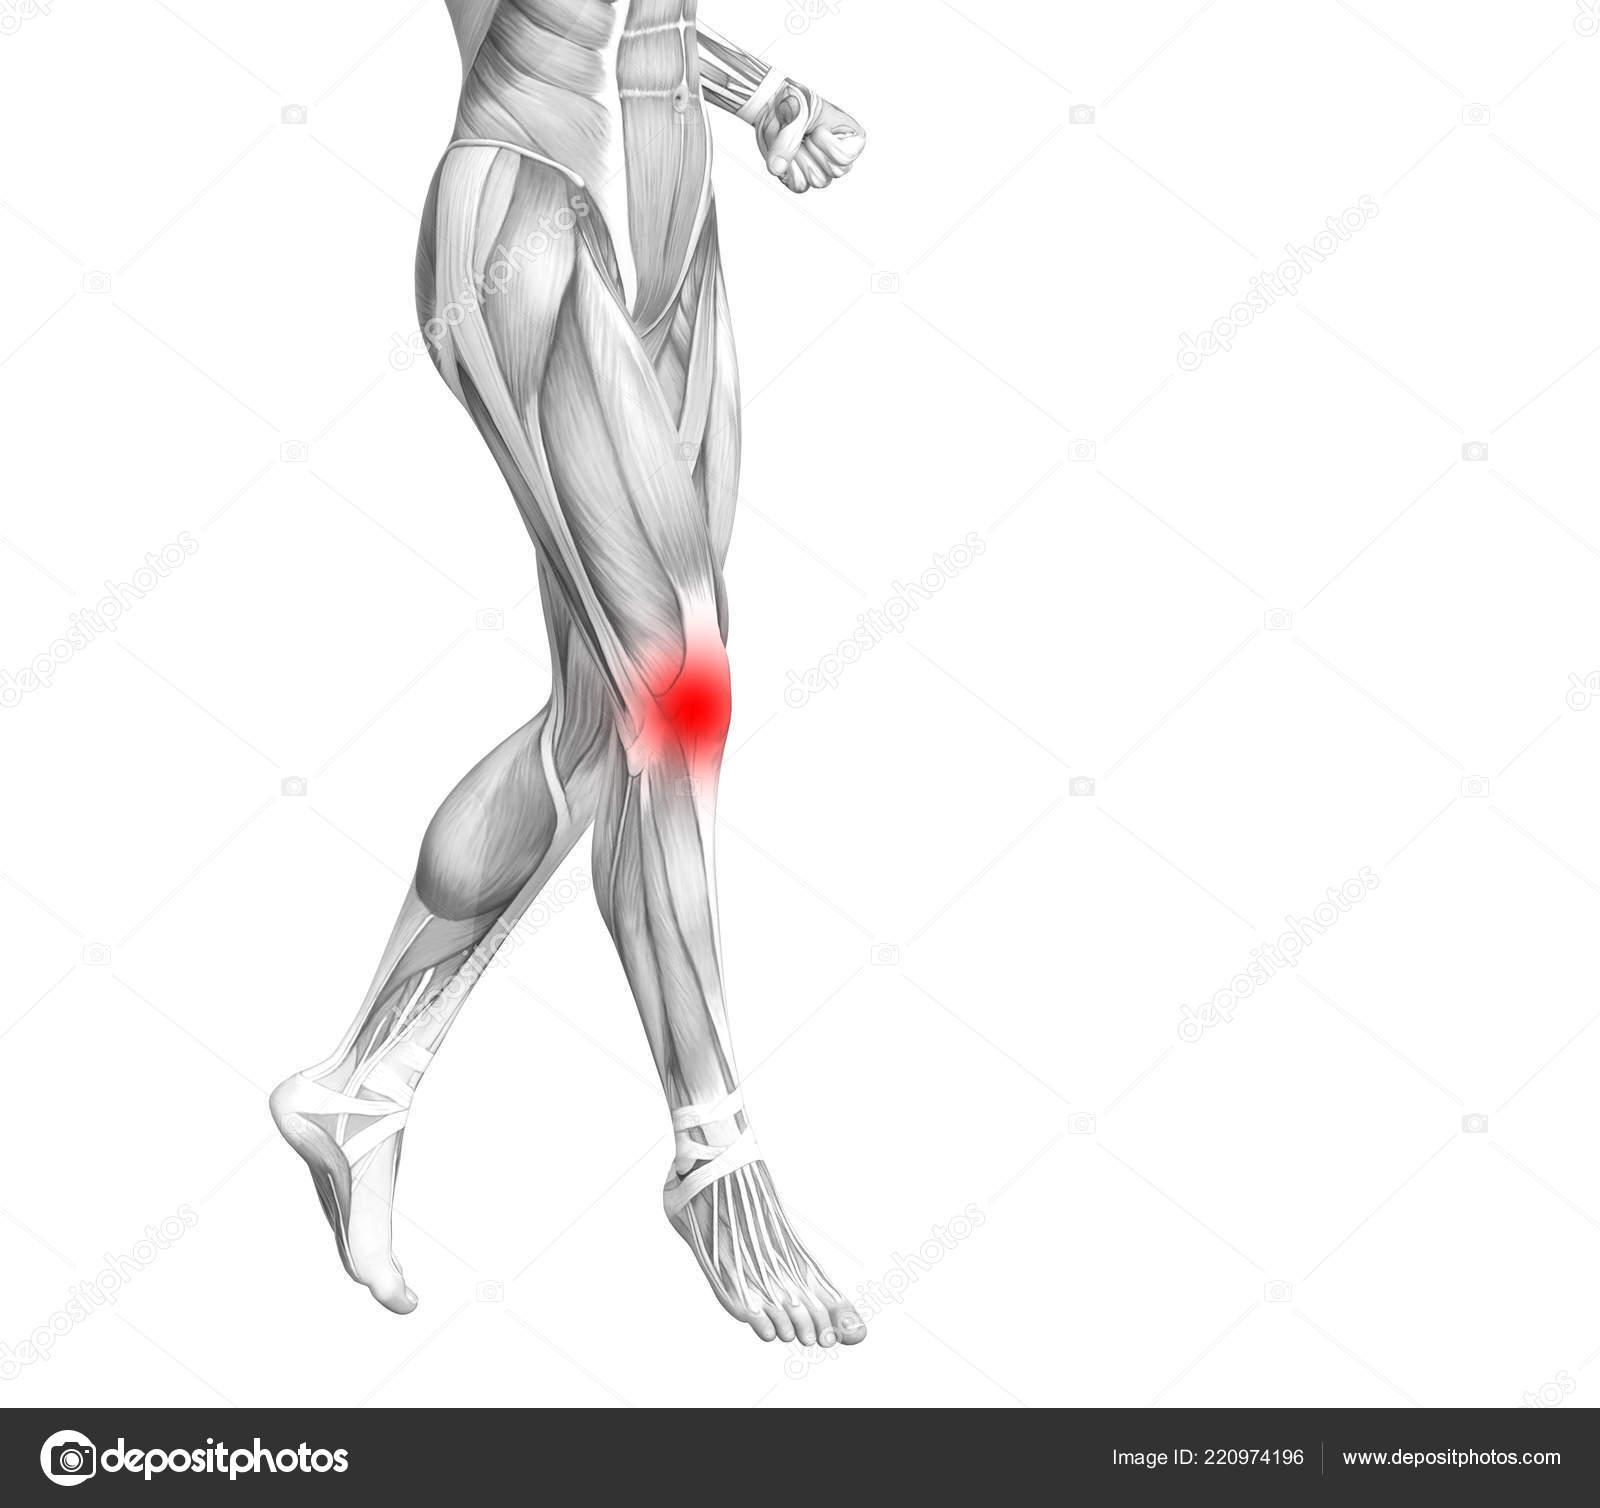 csontbetegség térd osteoporosis fájdalom és zsibbadás a csípőízületben